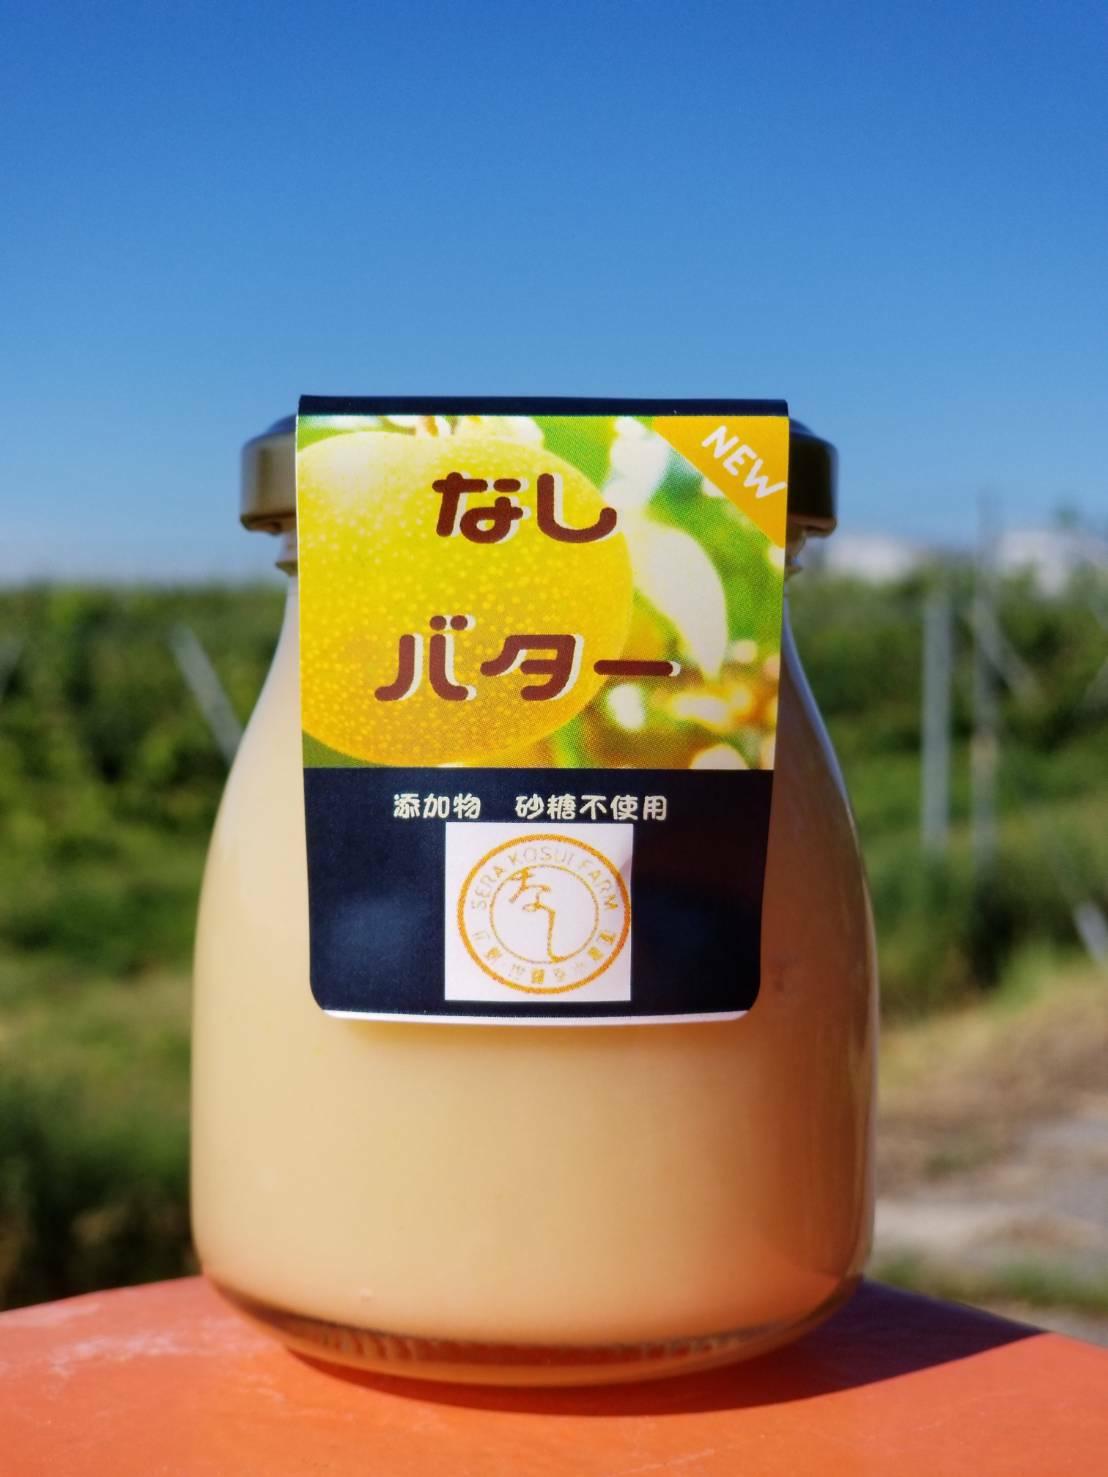 世羅幸水農園の「なしバター」